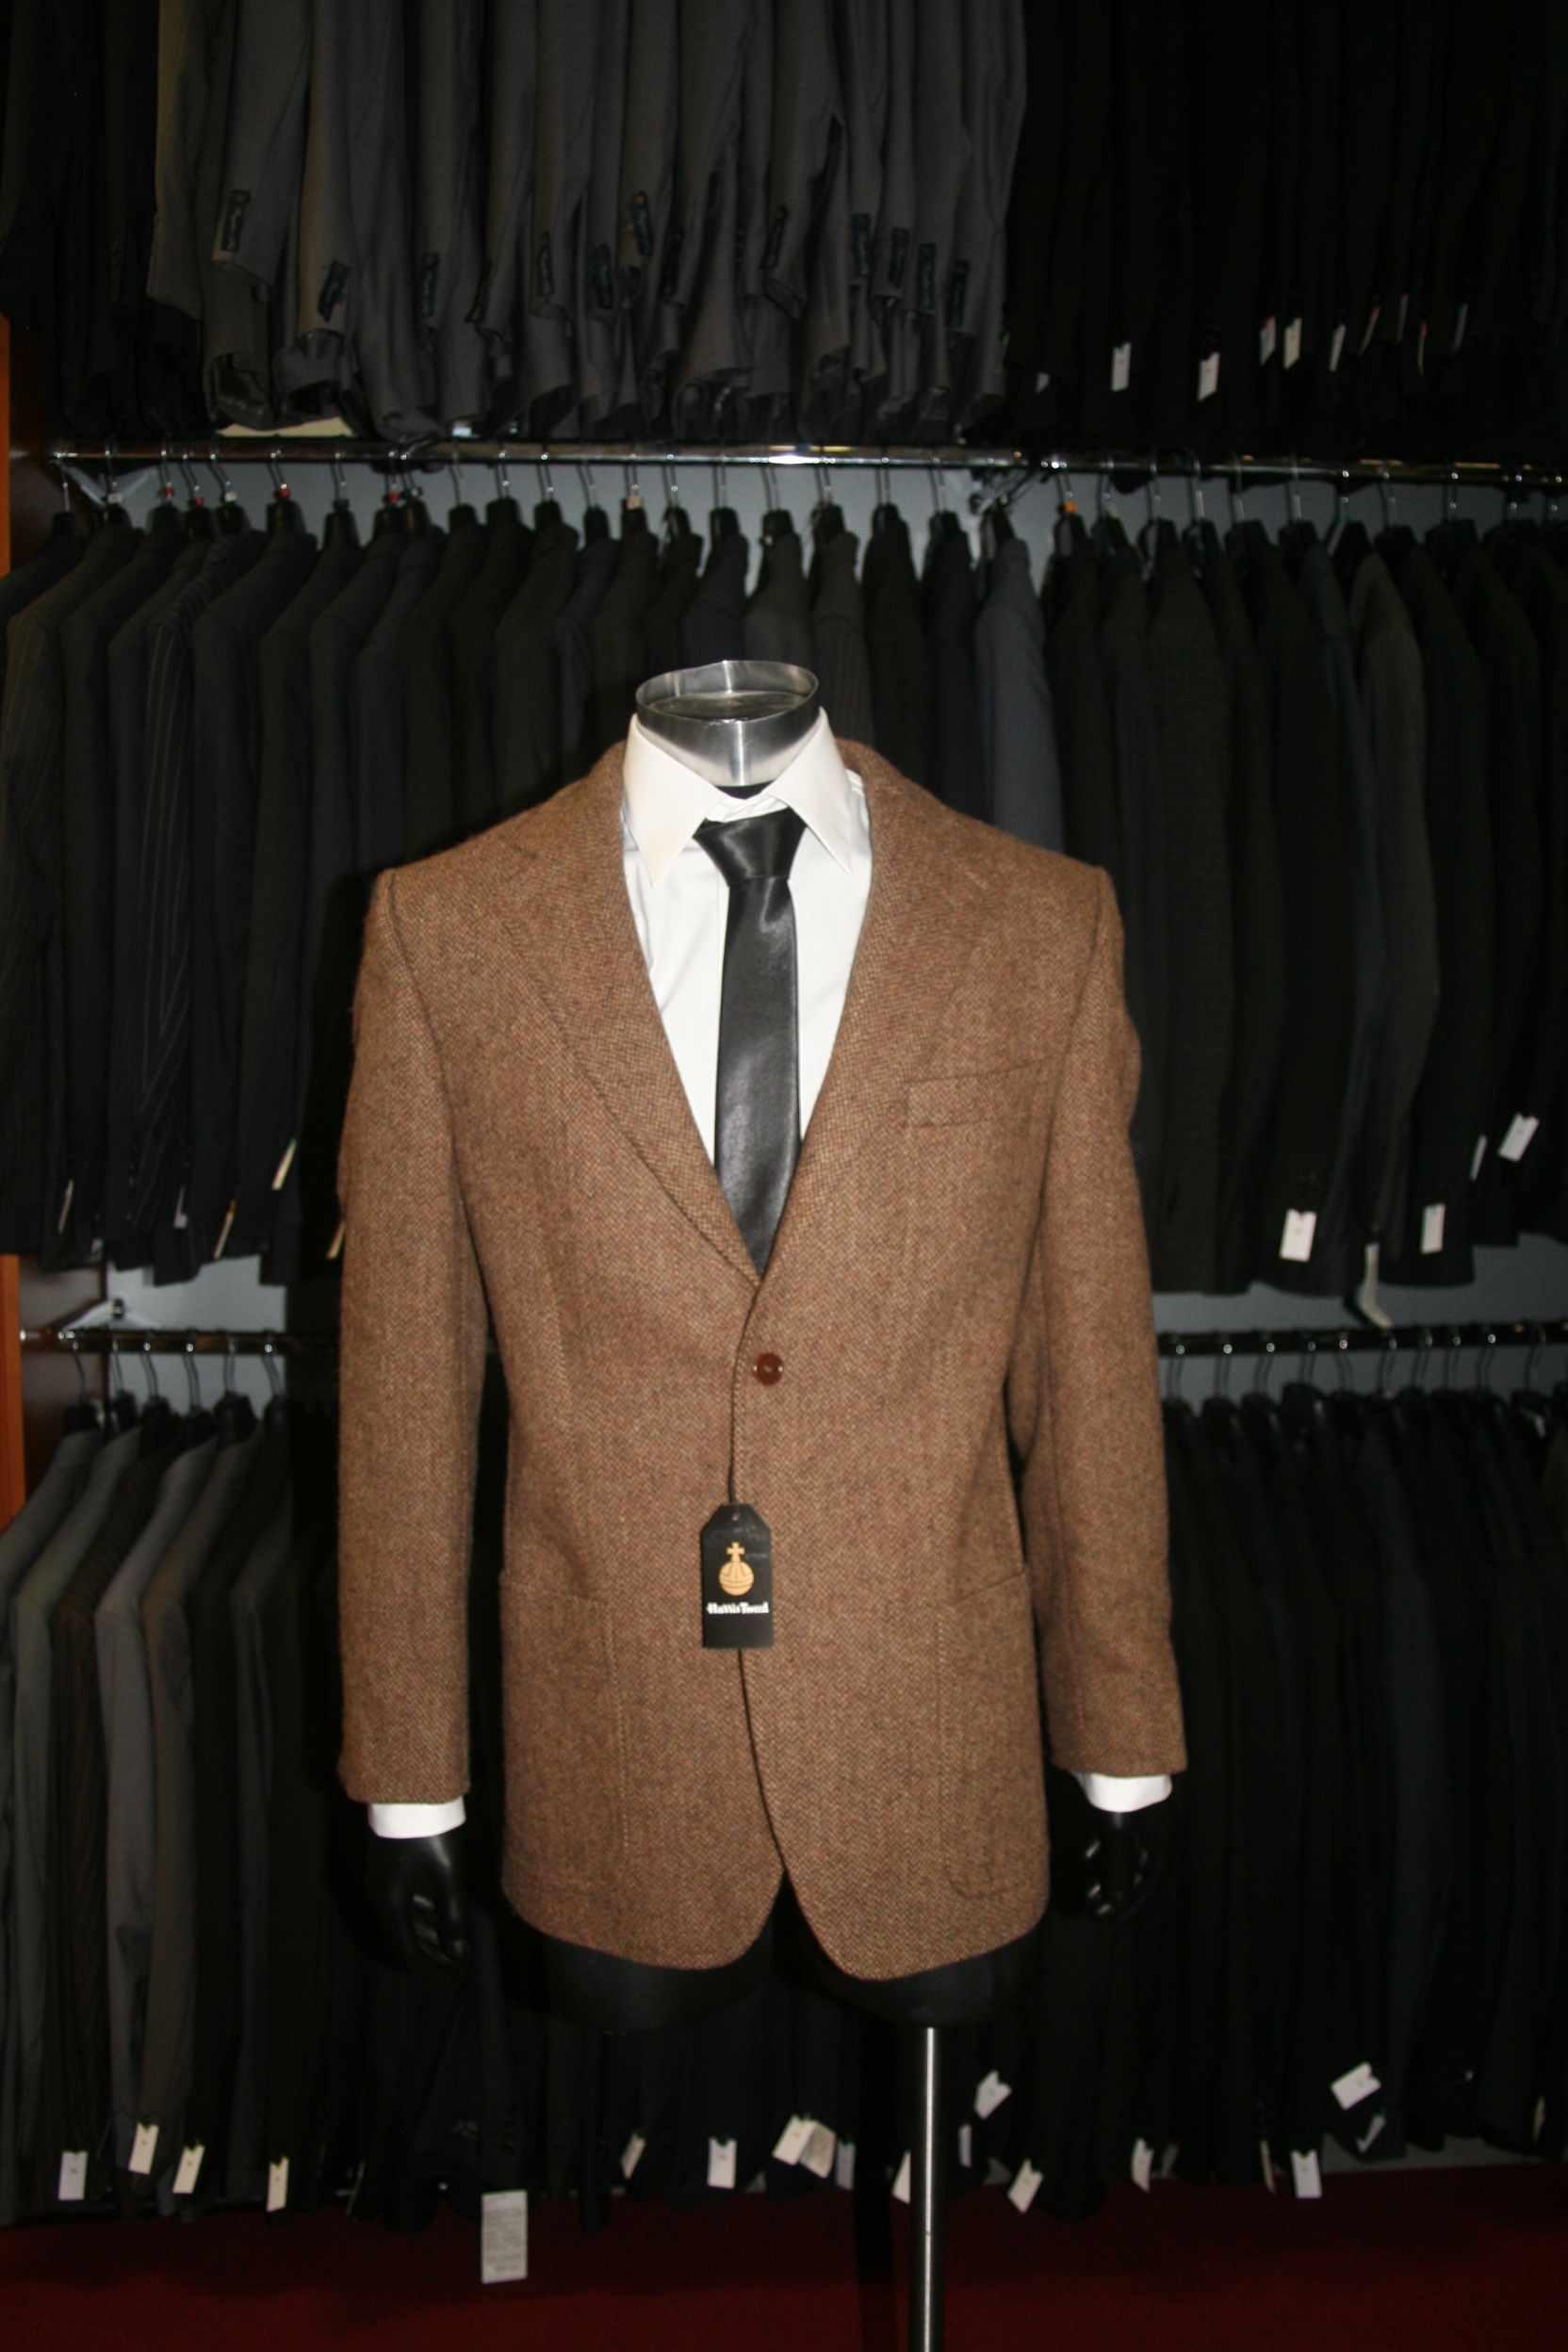 NEU Harris Tweed Sakko 100/% Schurwolle UVP389 made for FvF Collection